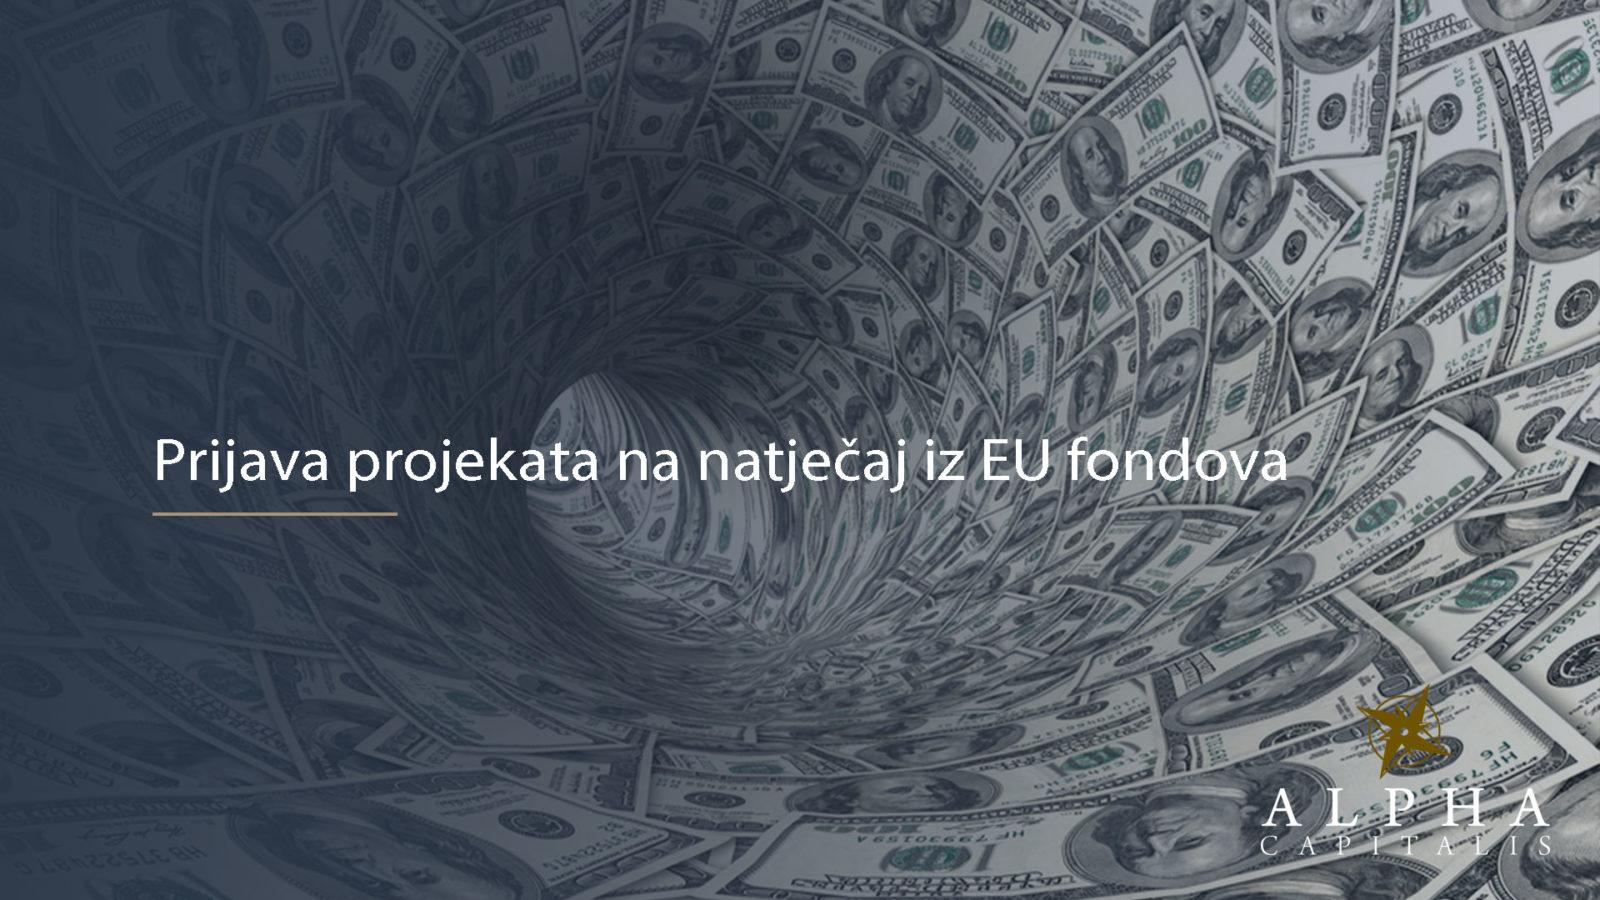 EU fondovi 2019 10 28 - Prijava projekta na natječaj iz EU fondova